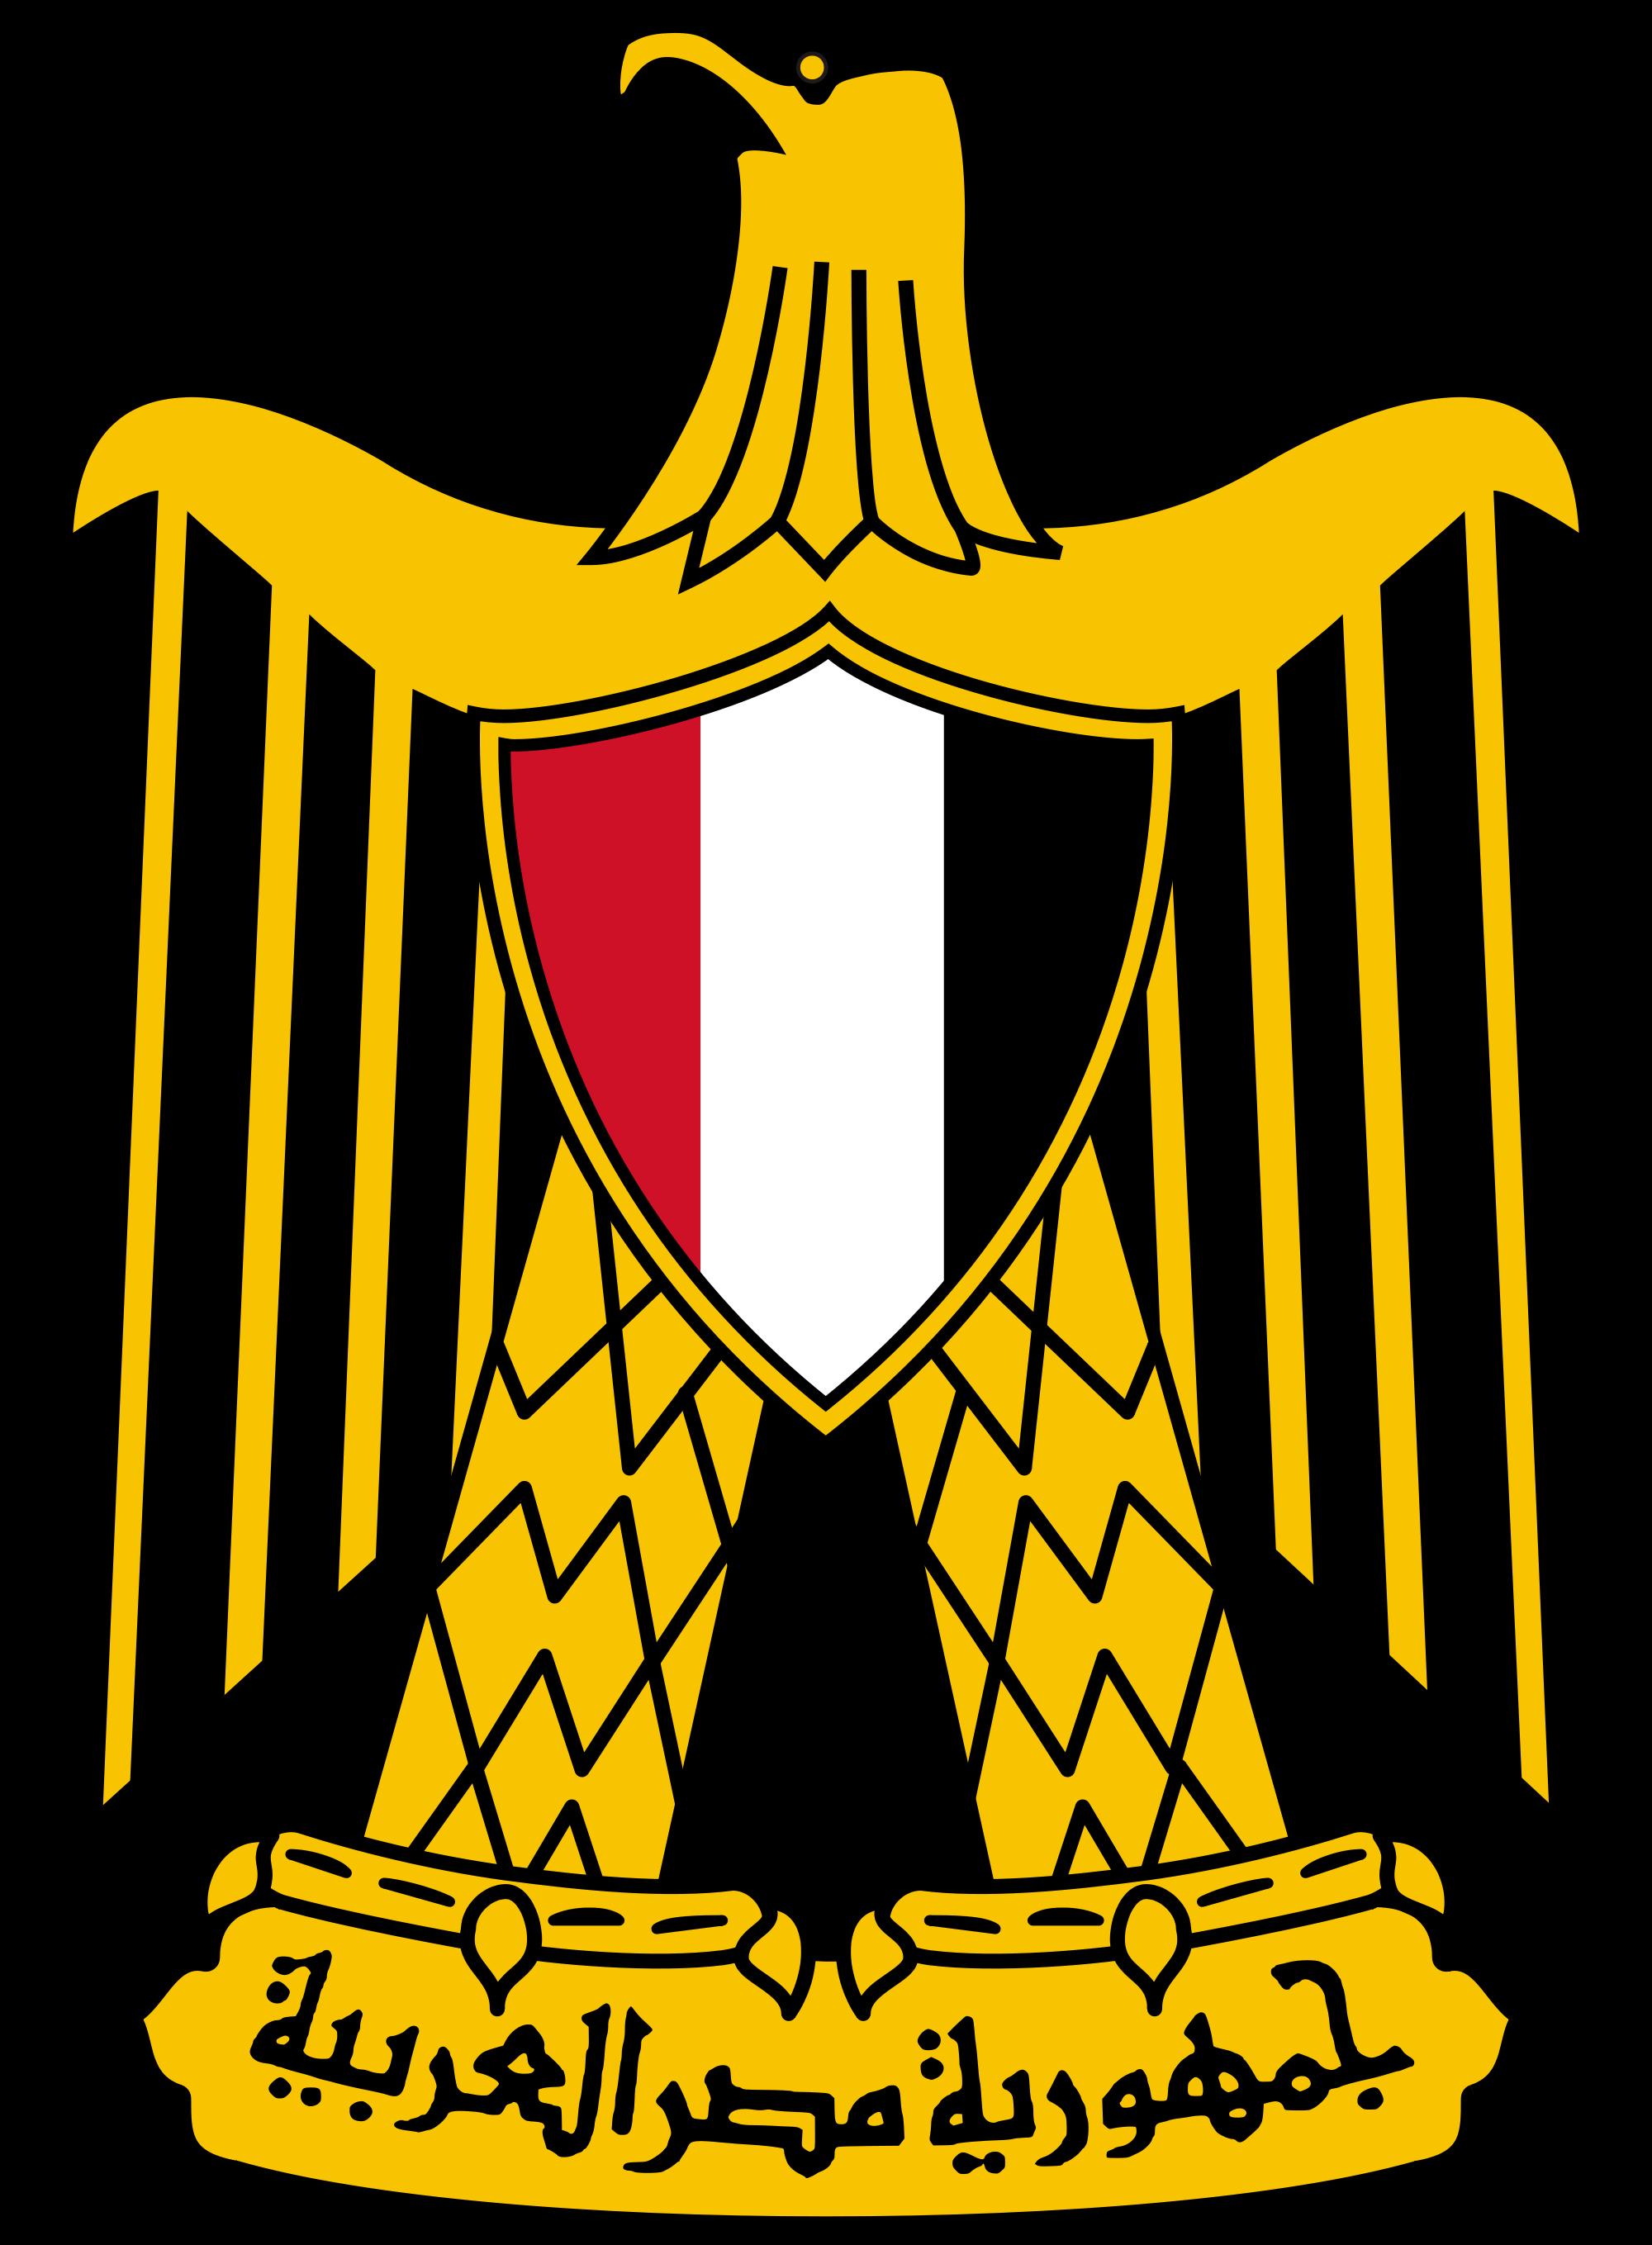 Герб на Египет